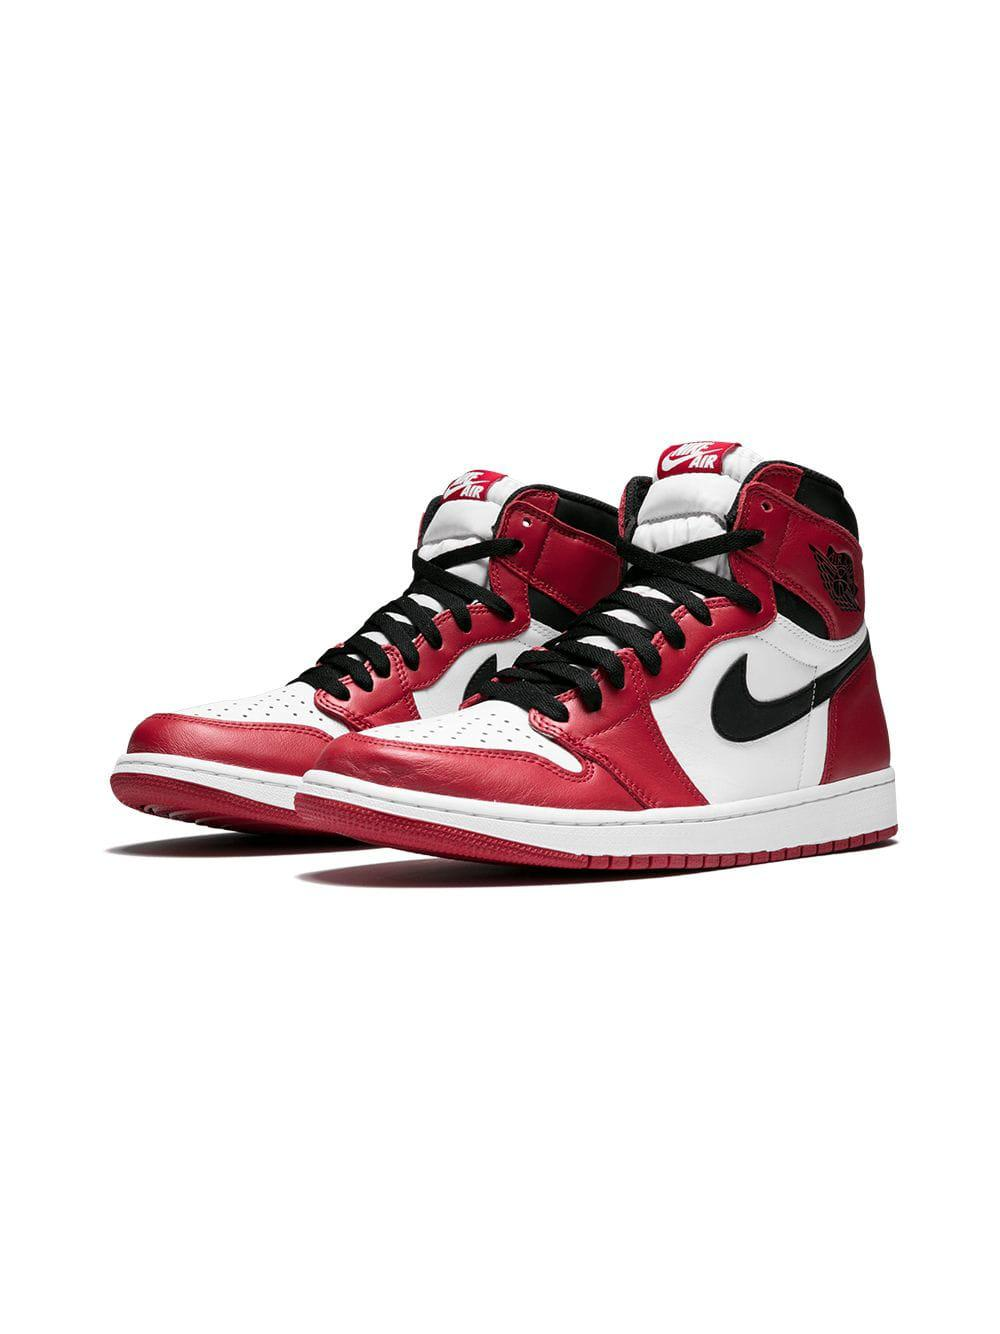 790df96e7c8e2f Nike - White Air 1 Retro High Og Sneakers for Men - Lyst. View fullscreen